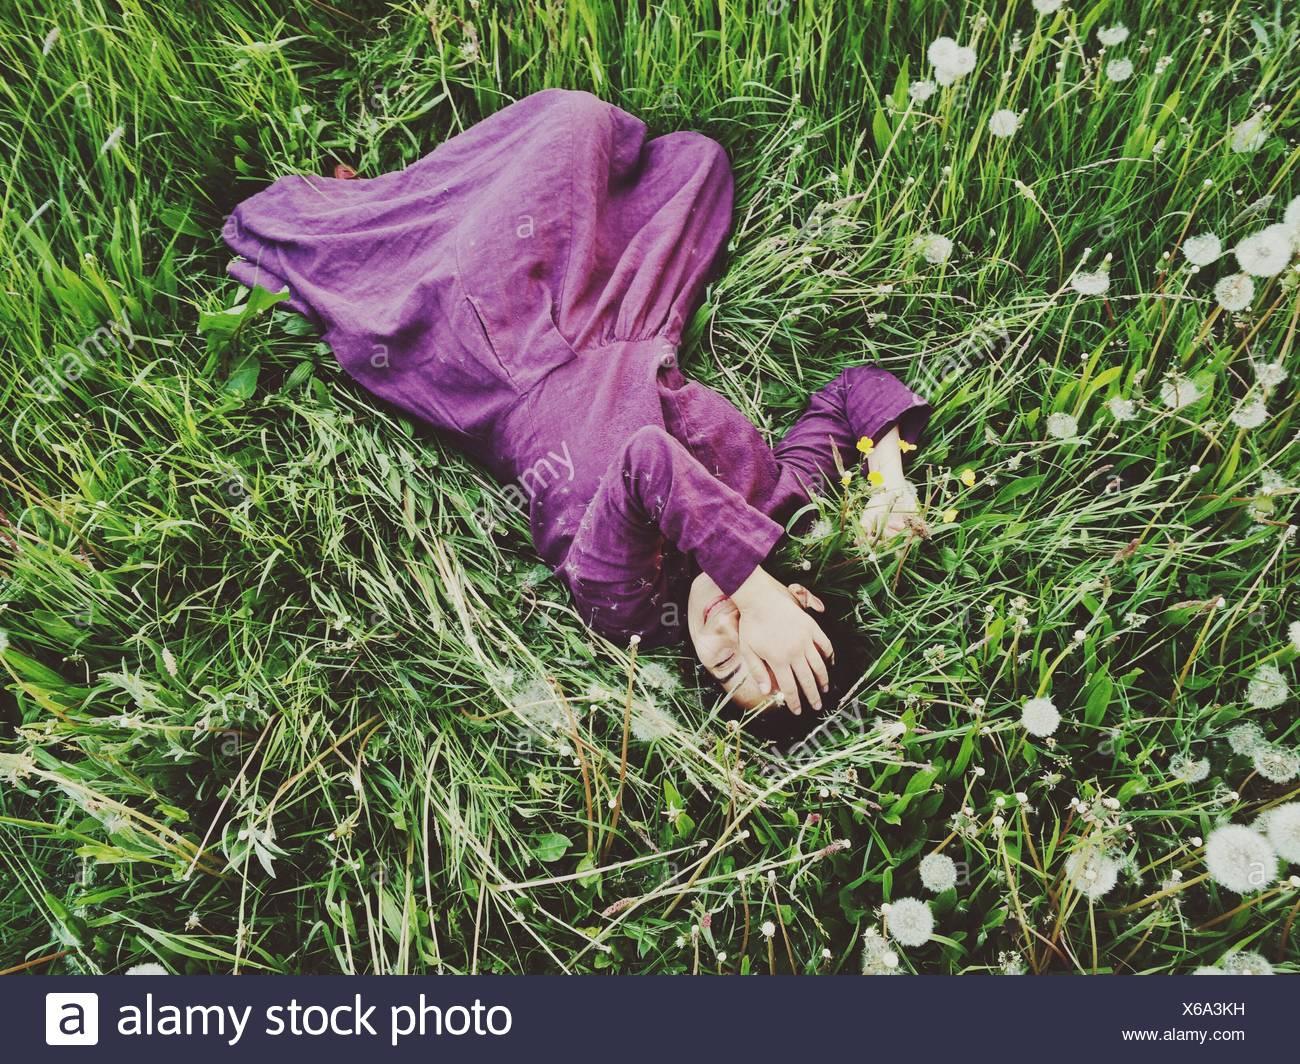 Vista in elevazione di una donna sdraiata in erba con la mano che copre il volto Immagini Stock